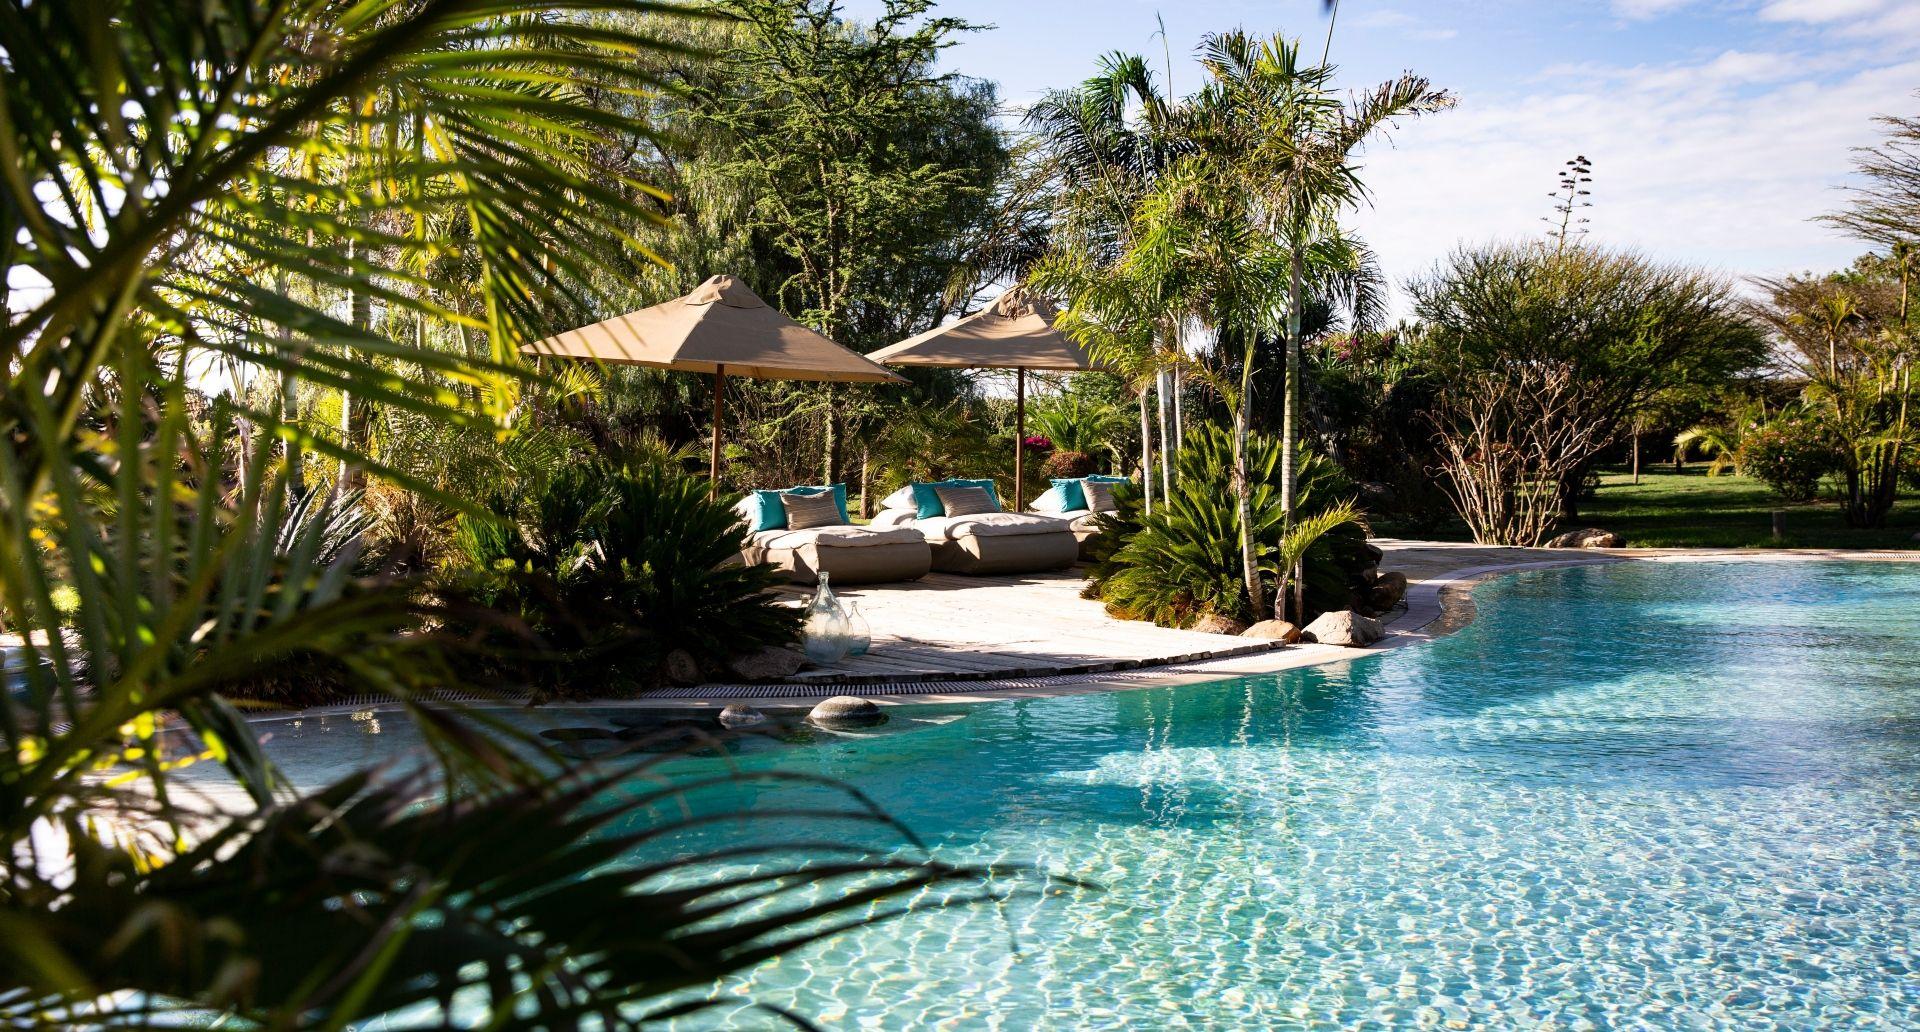 Garden Villas share a central pool